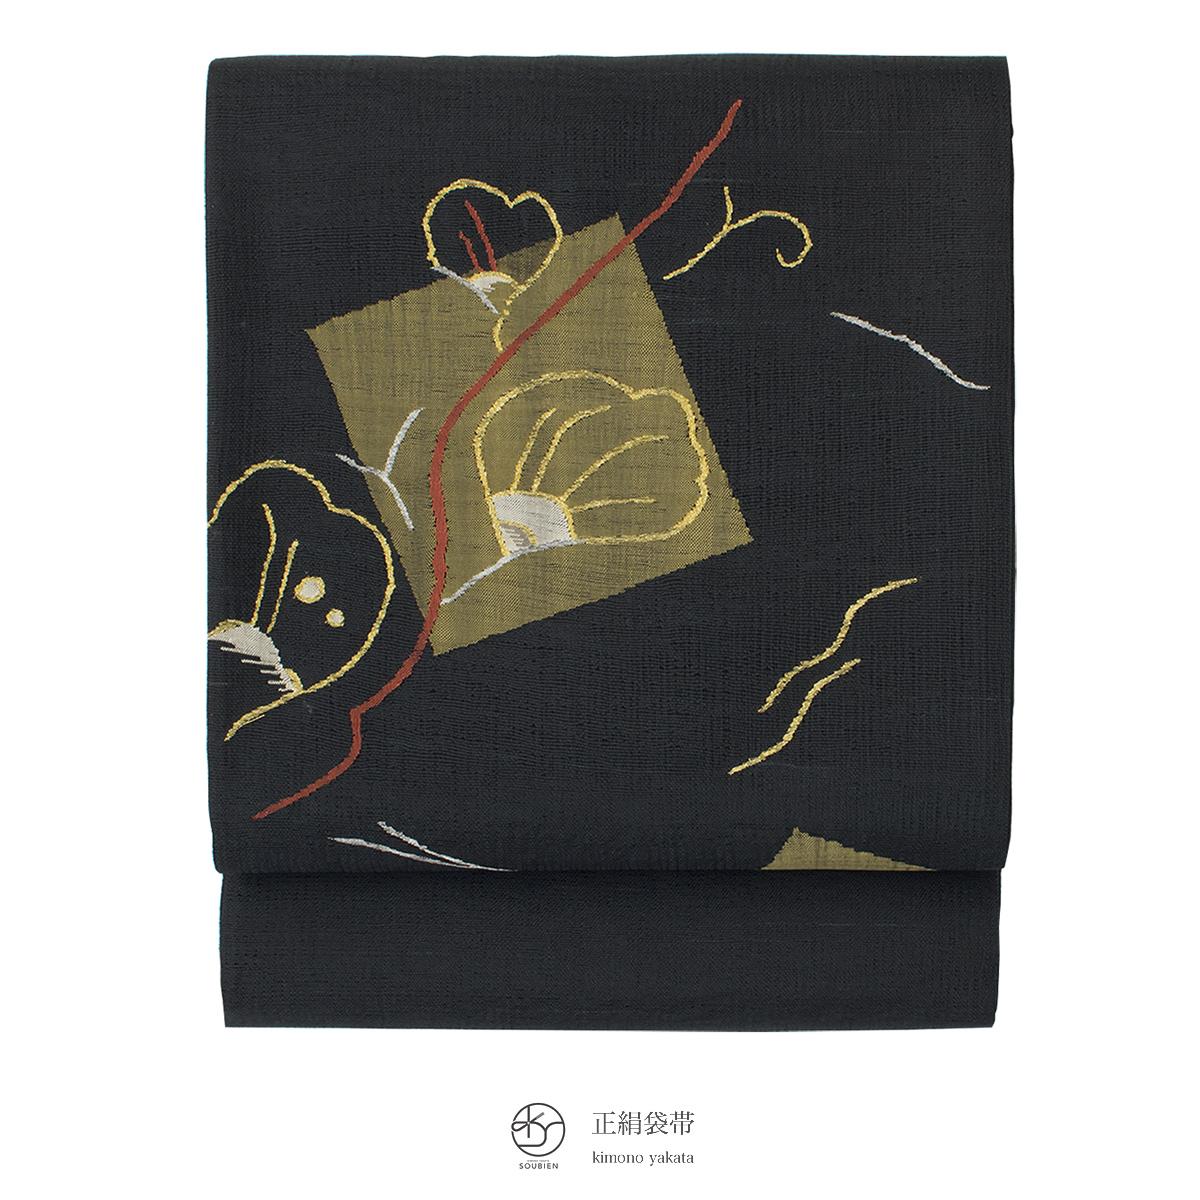 【未仕立て】袋帯 黒 ブラック 流水 花 花びら 綴織 正絹 お太鼓柄 フォーマル カジュアル 夏向き 【送料無料】